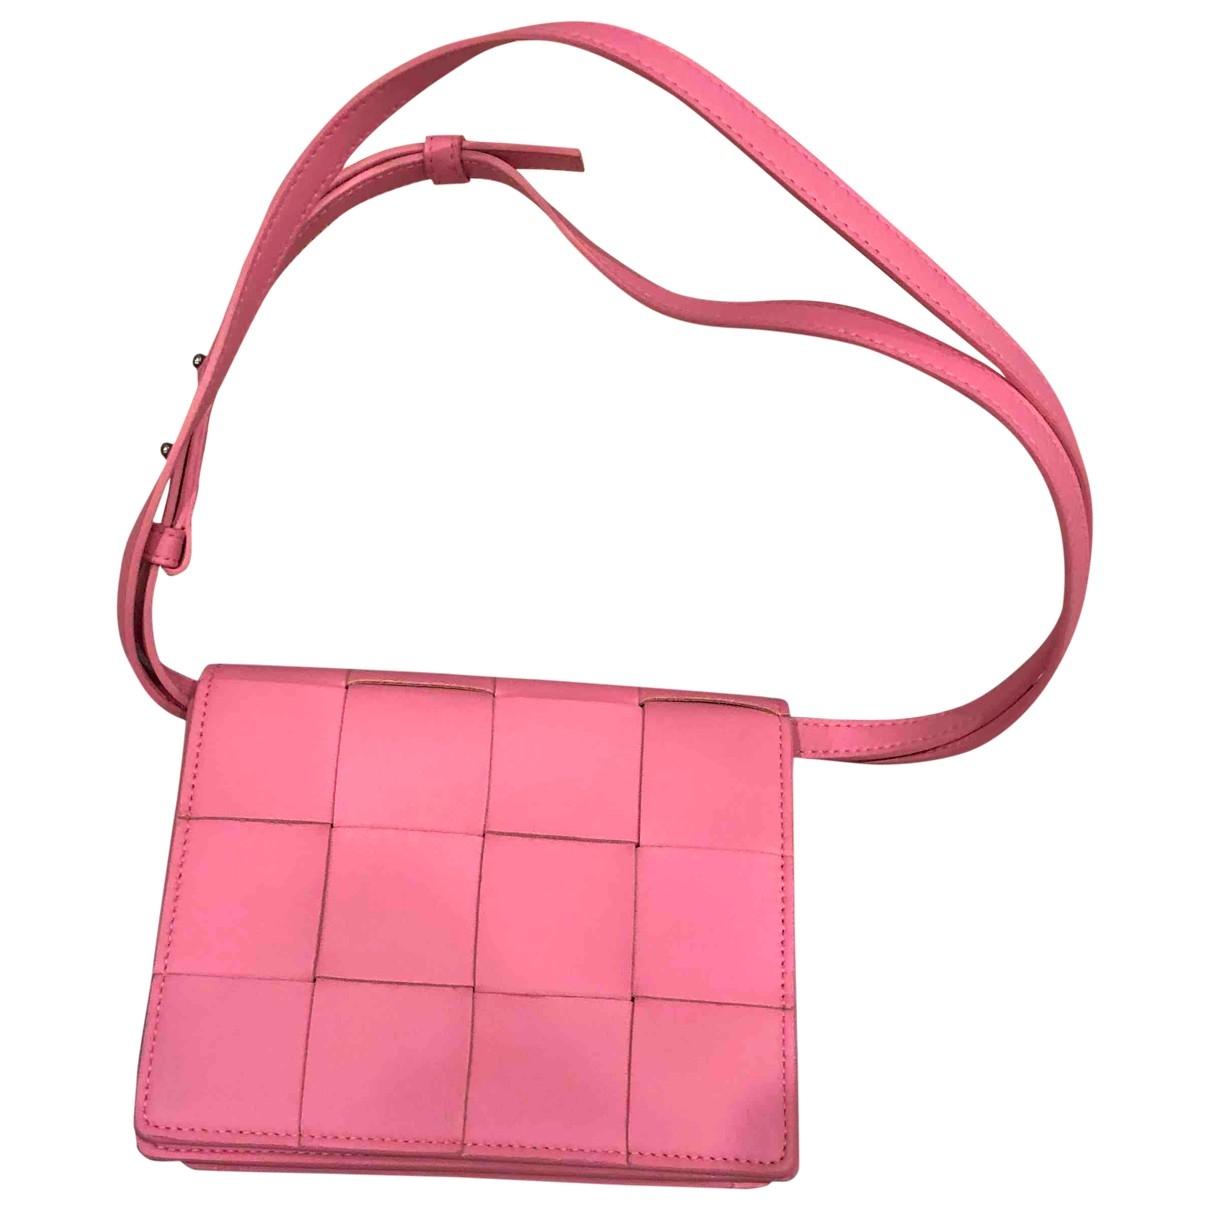 Bottega Veneta Cassette Pink Leather handbag for Women \N